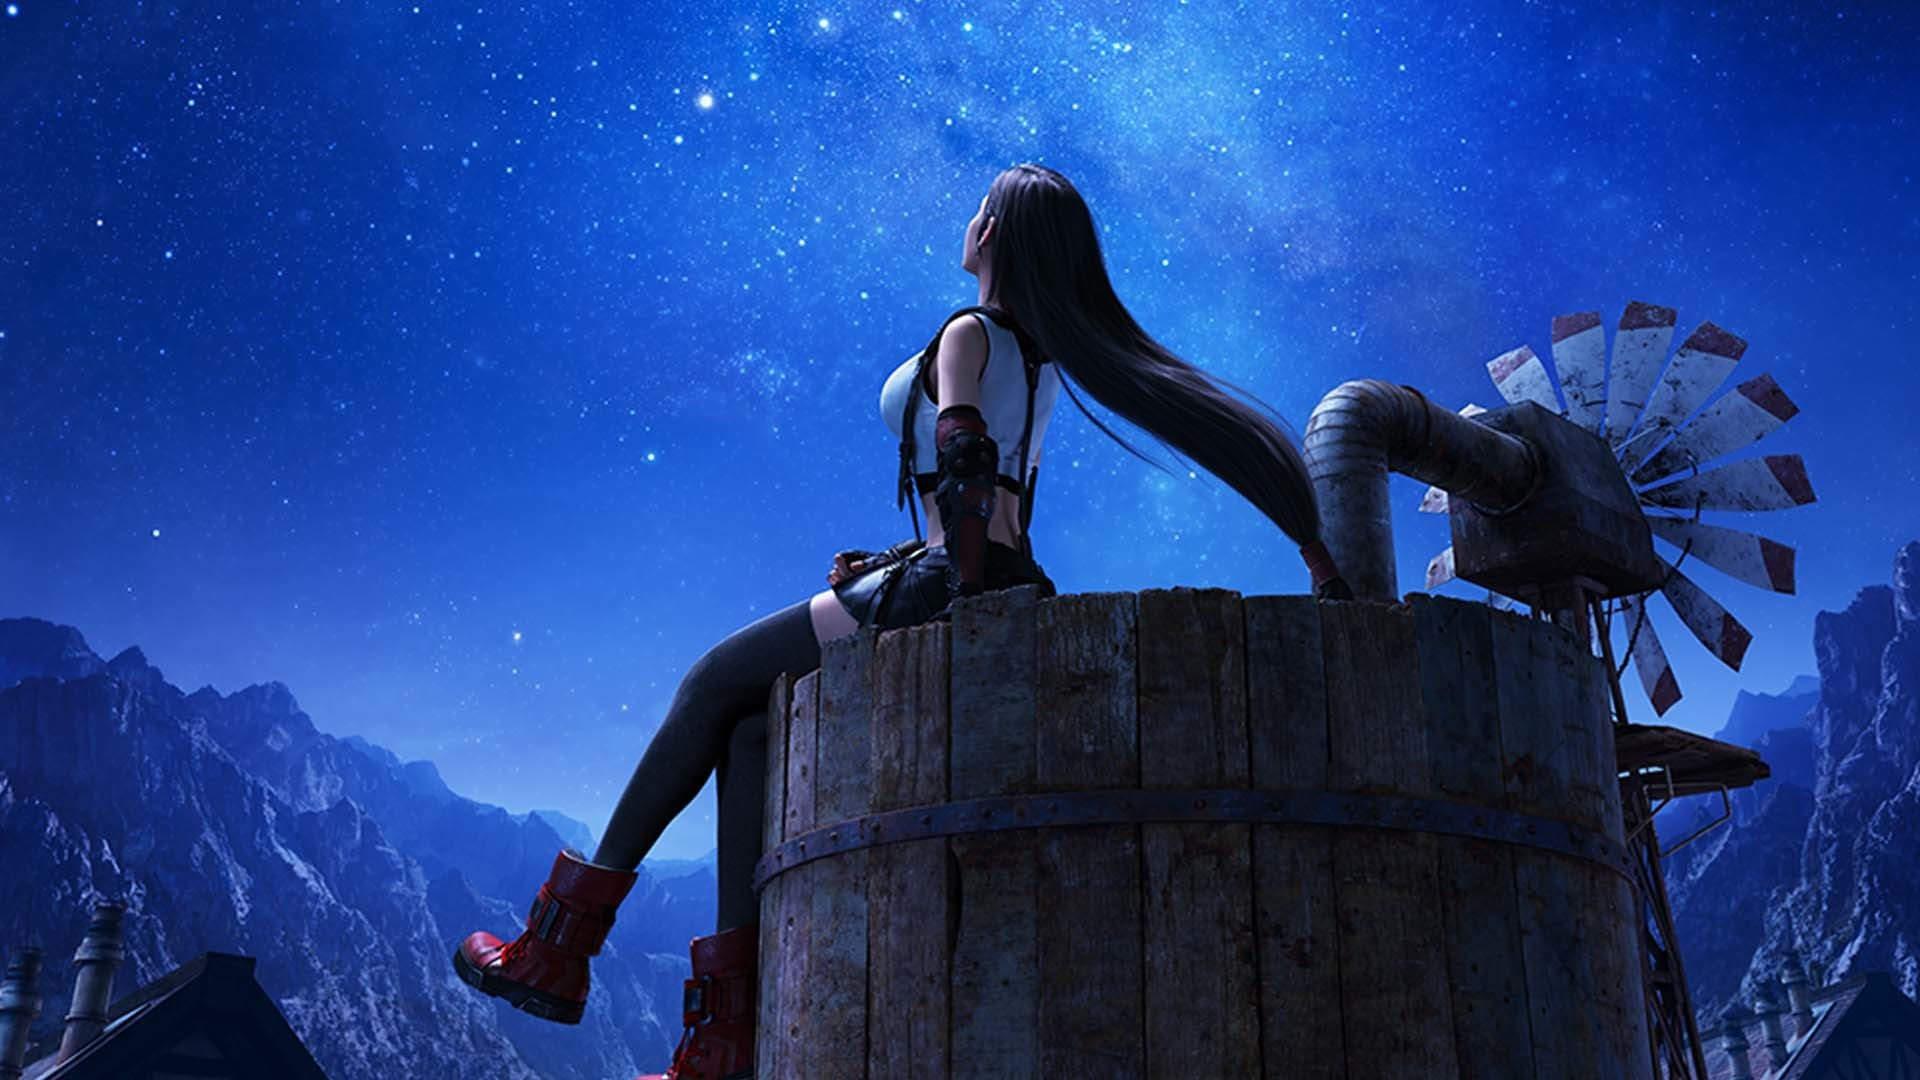 Final Fantasy 7 Remake : un quatrième making-of sur la musique et les effets sonores